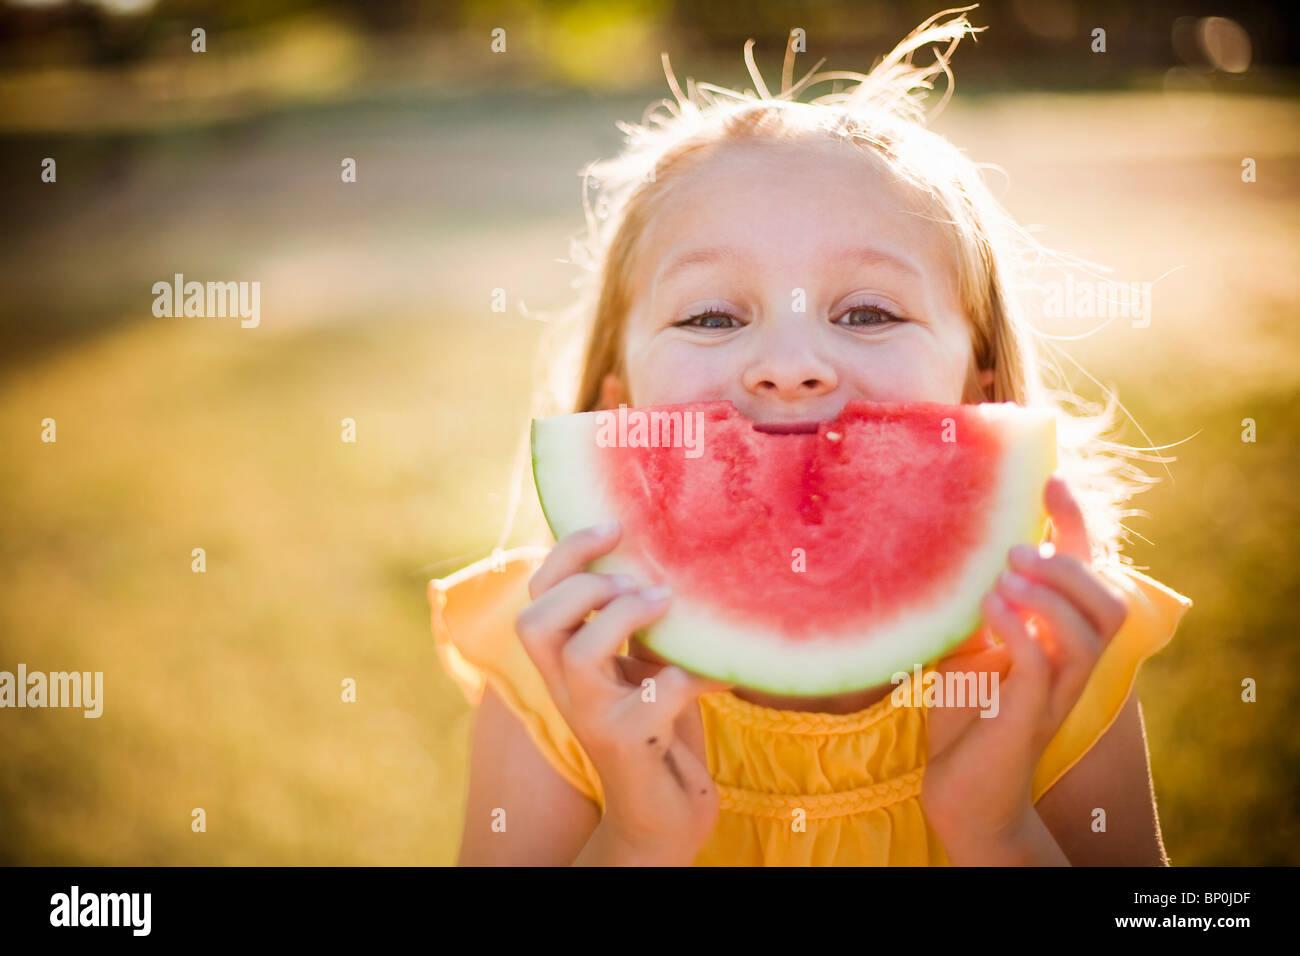 Jovem rapariga fazendo um sorriso de melancia Imagens de Stock